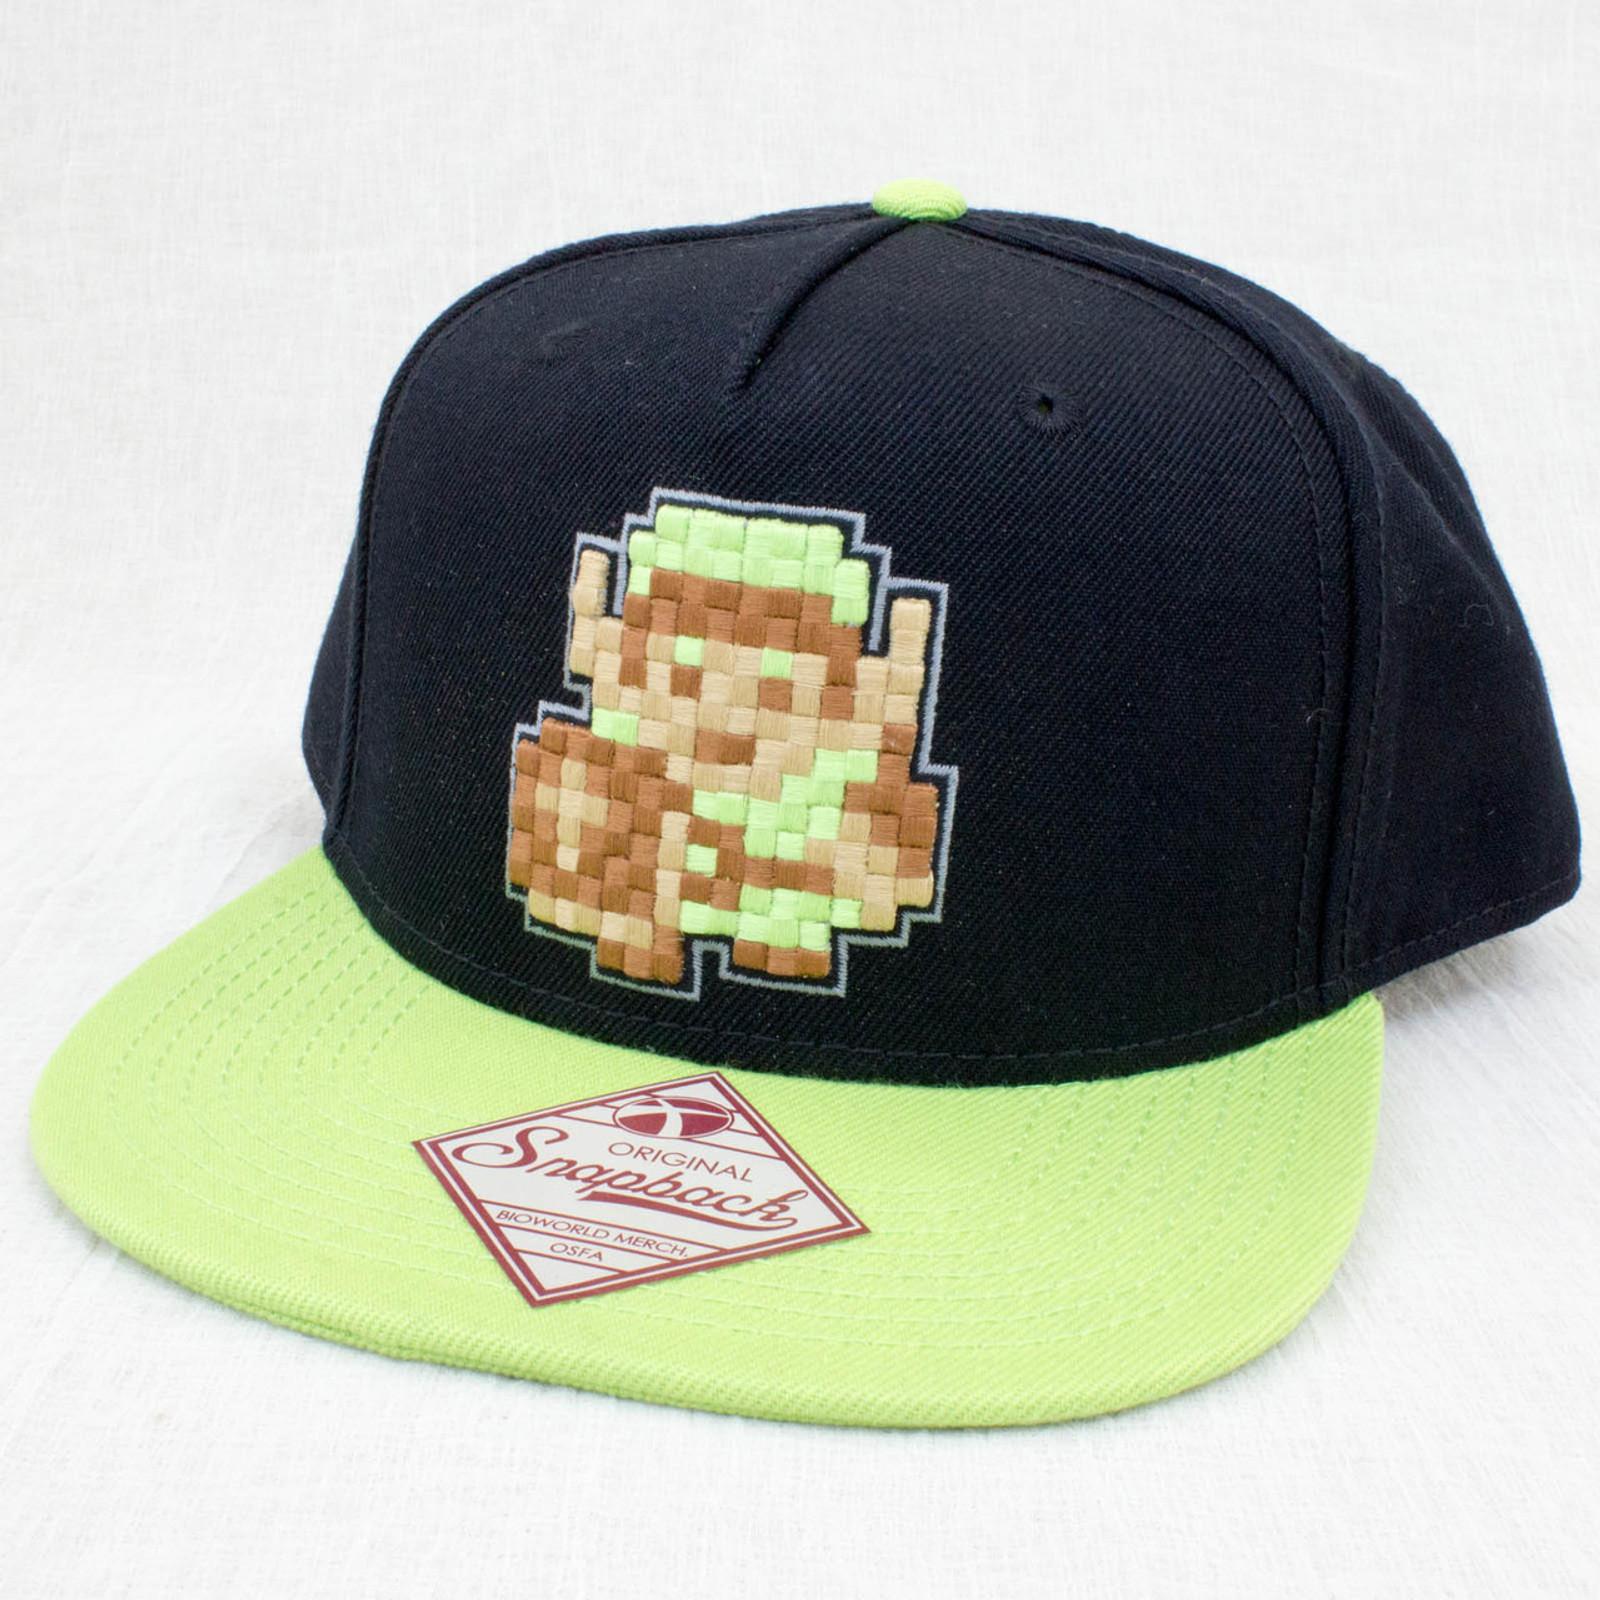 Legend of Zelda 8 Bit Character LINK Baseball Cap Blowworld JAPAN NINTENDO